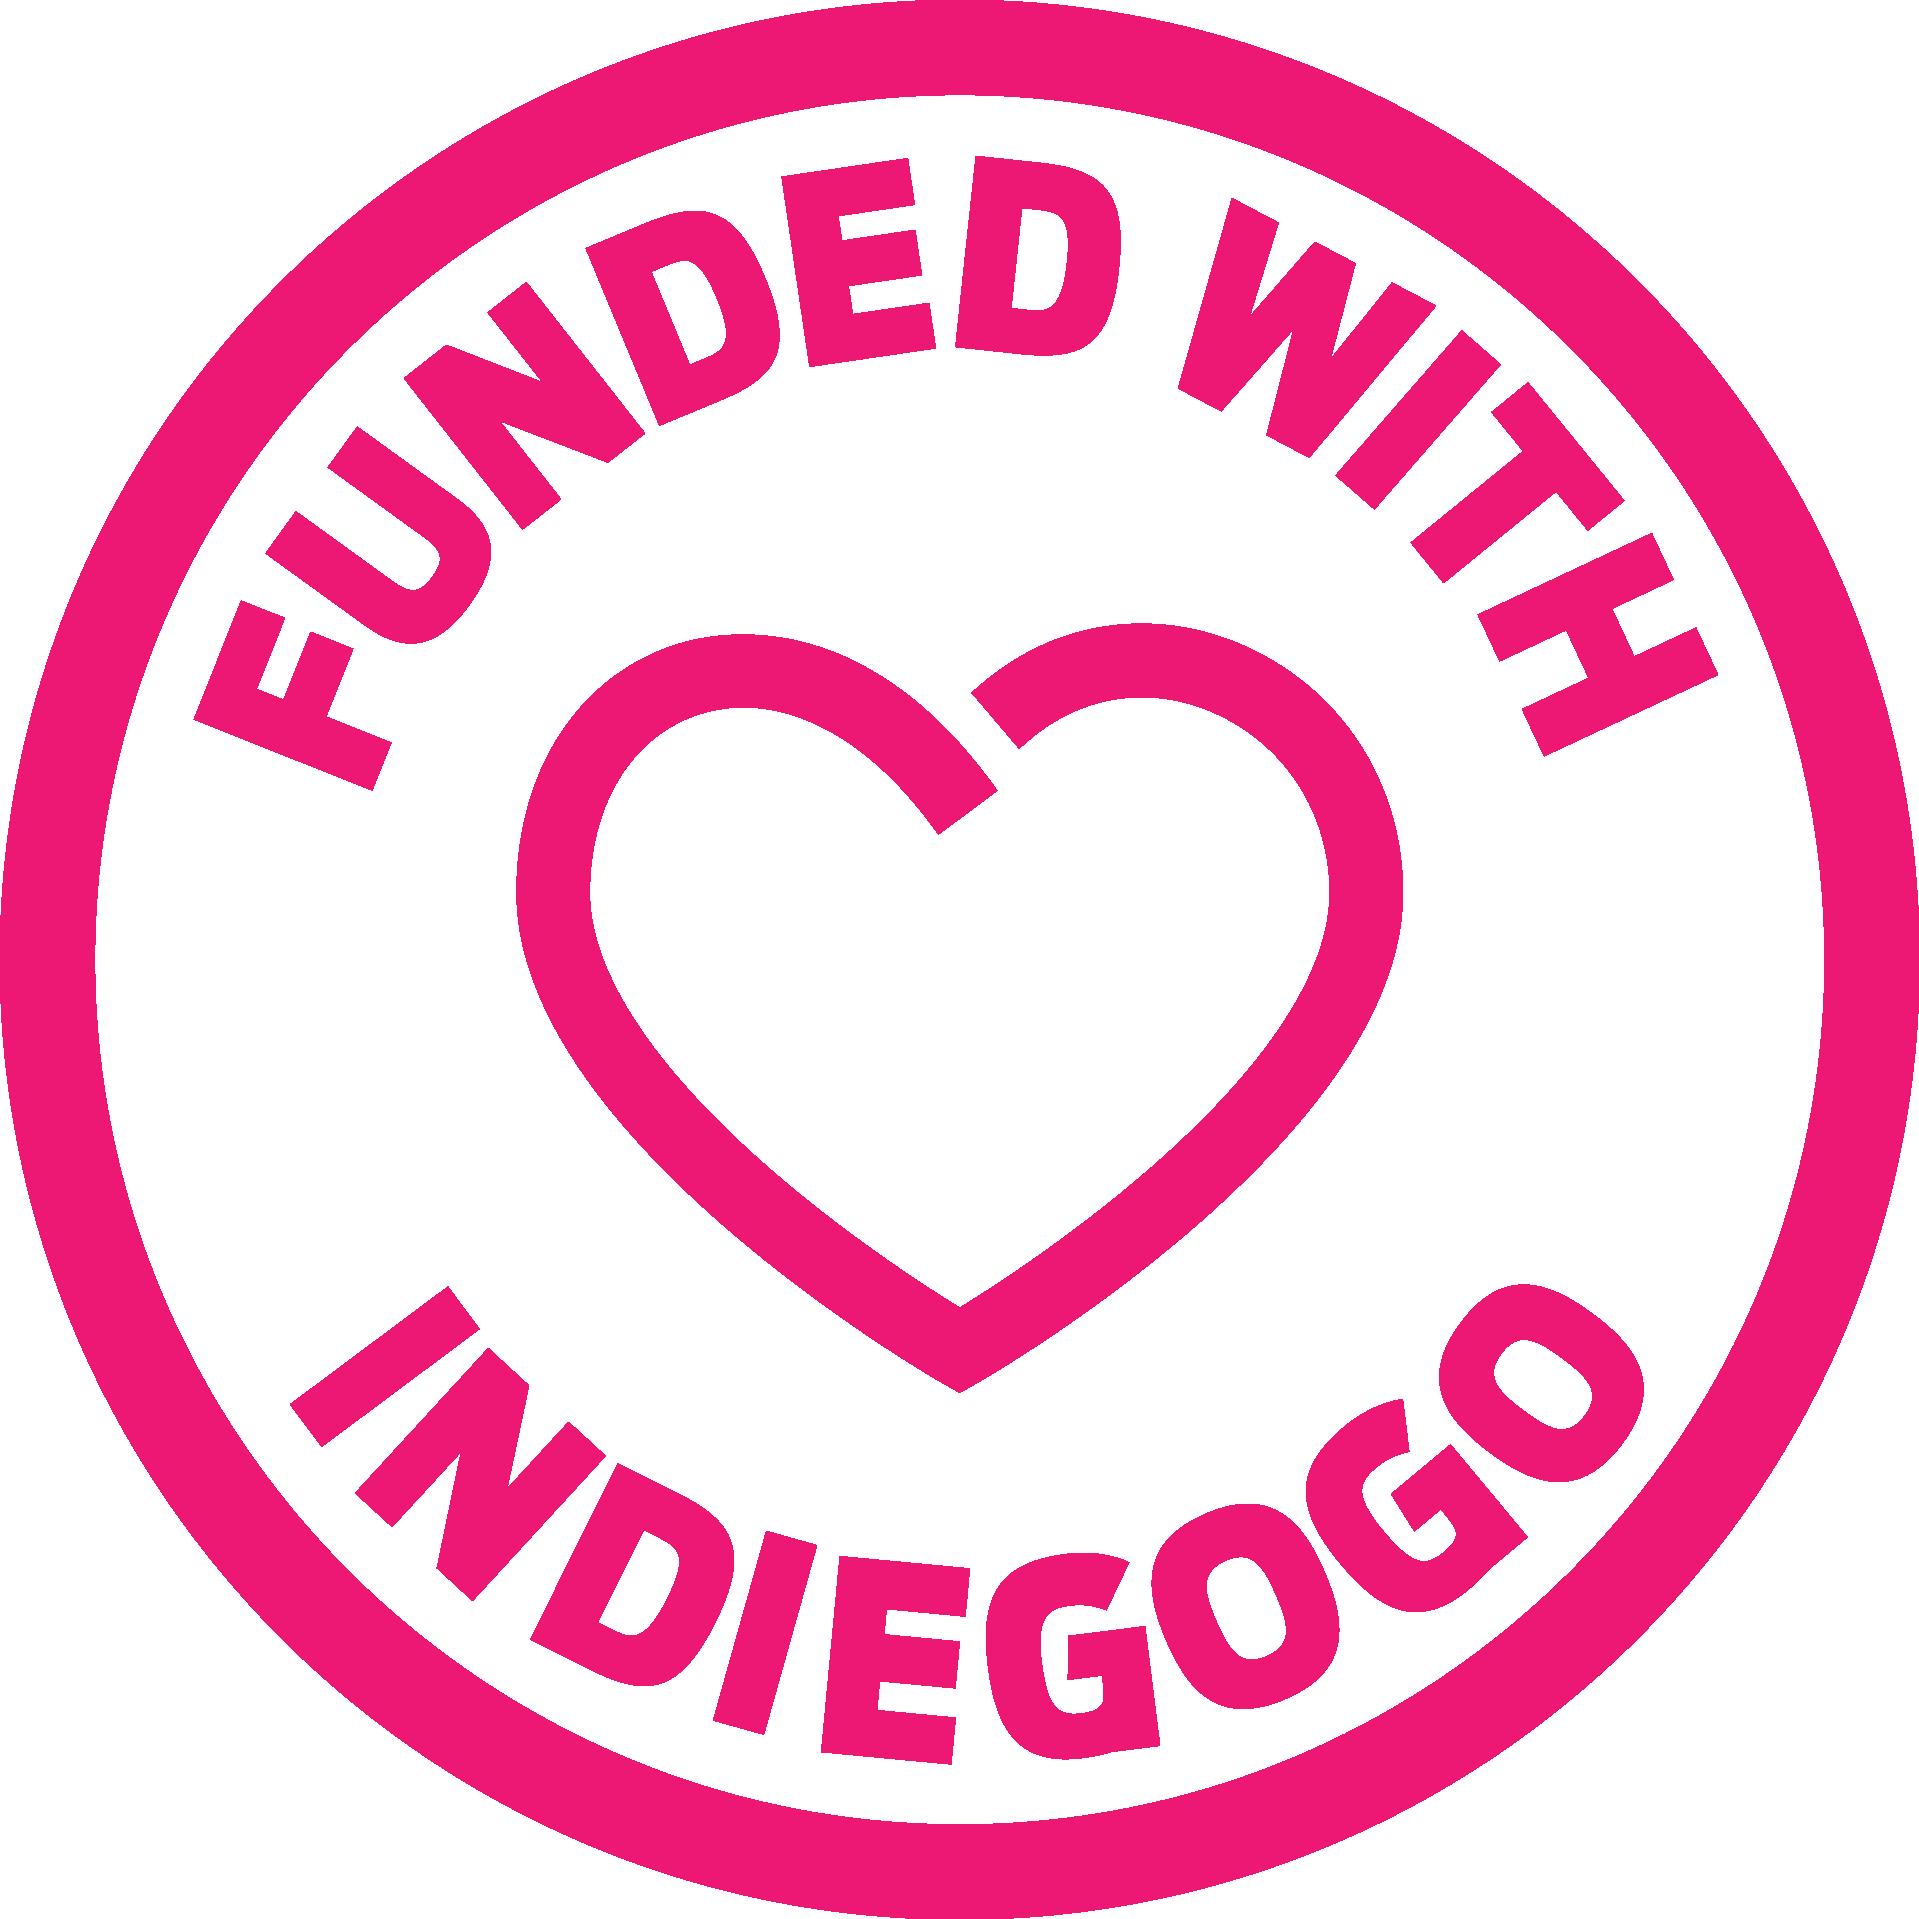 indiegogo-logo-png-5.png